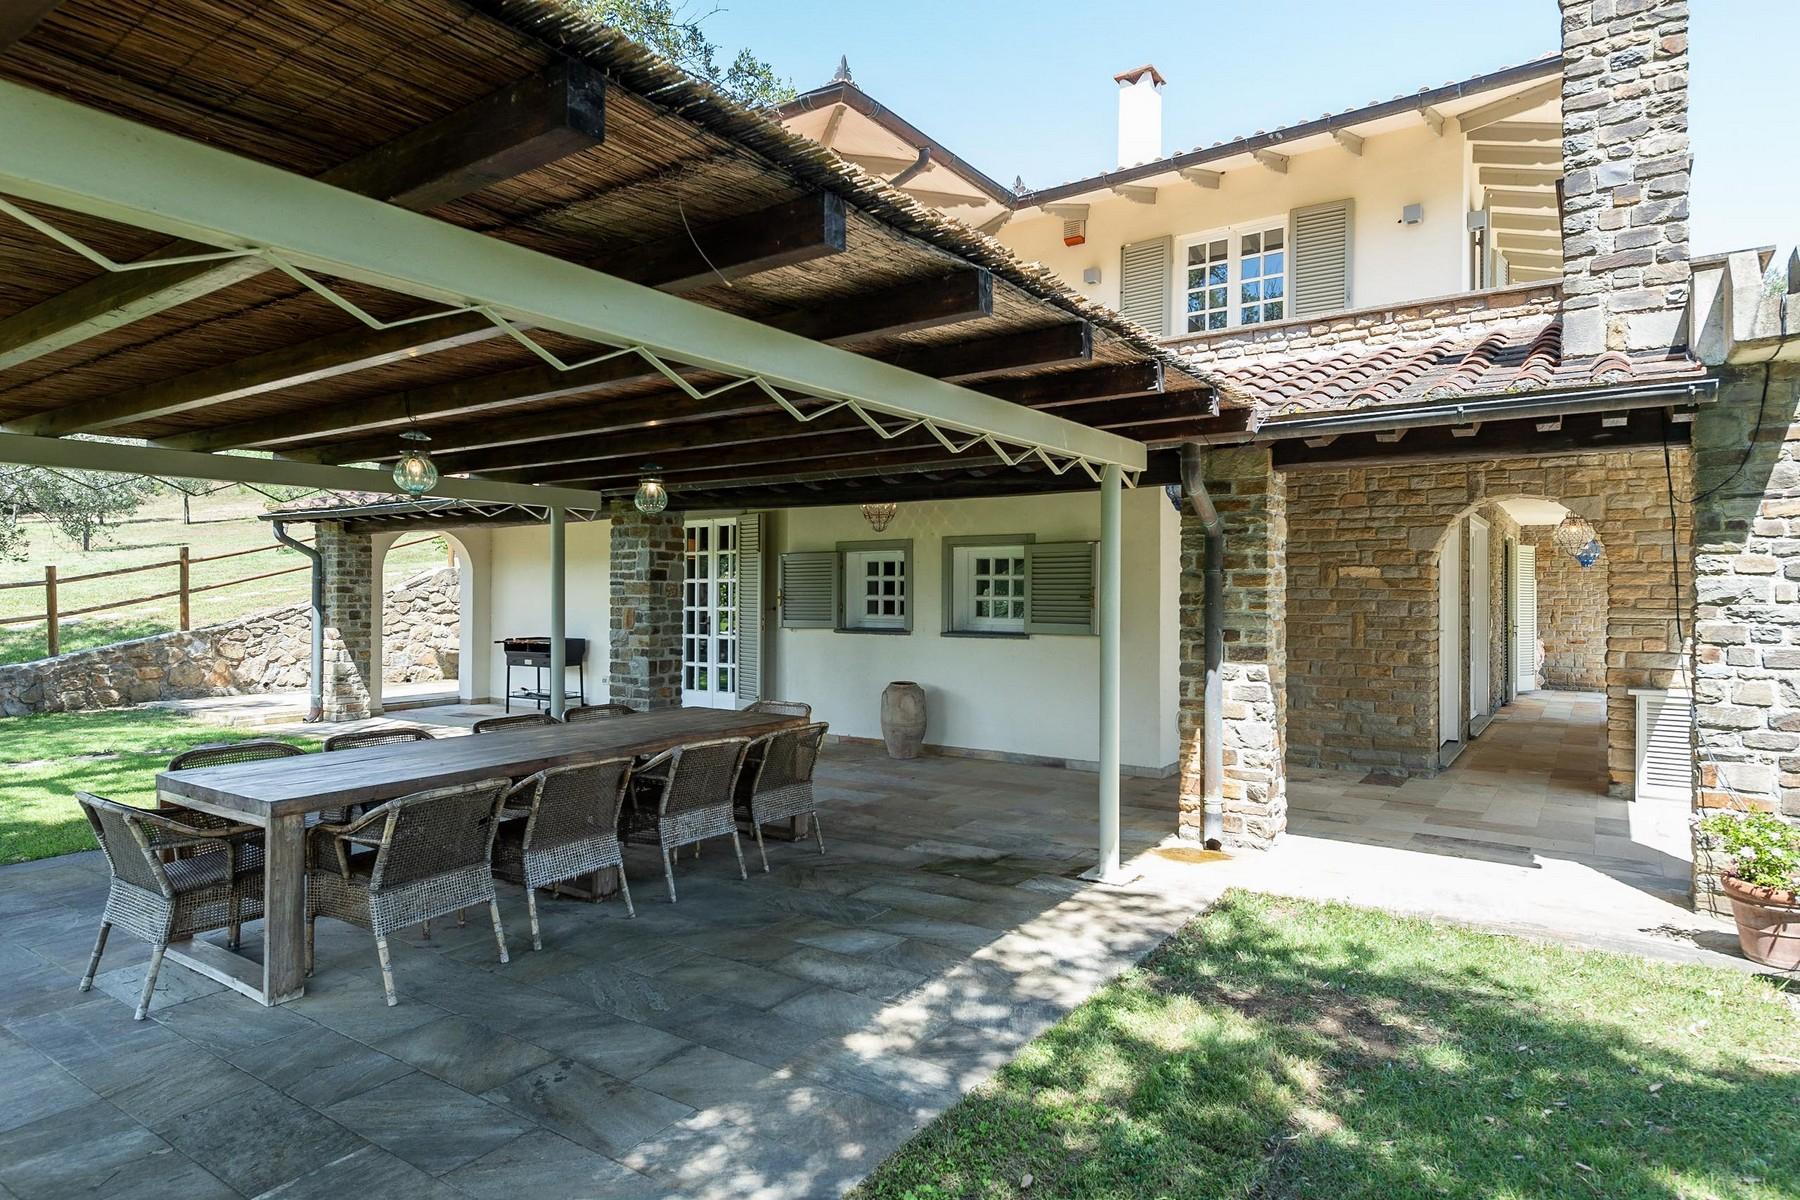 Elegant villa with seaview in Castiglione della Pescaia - 14